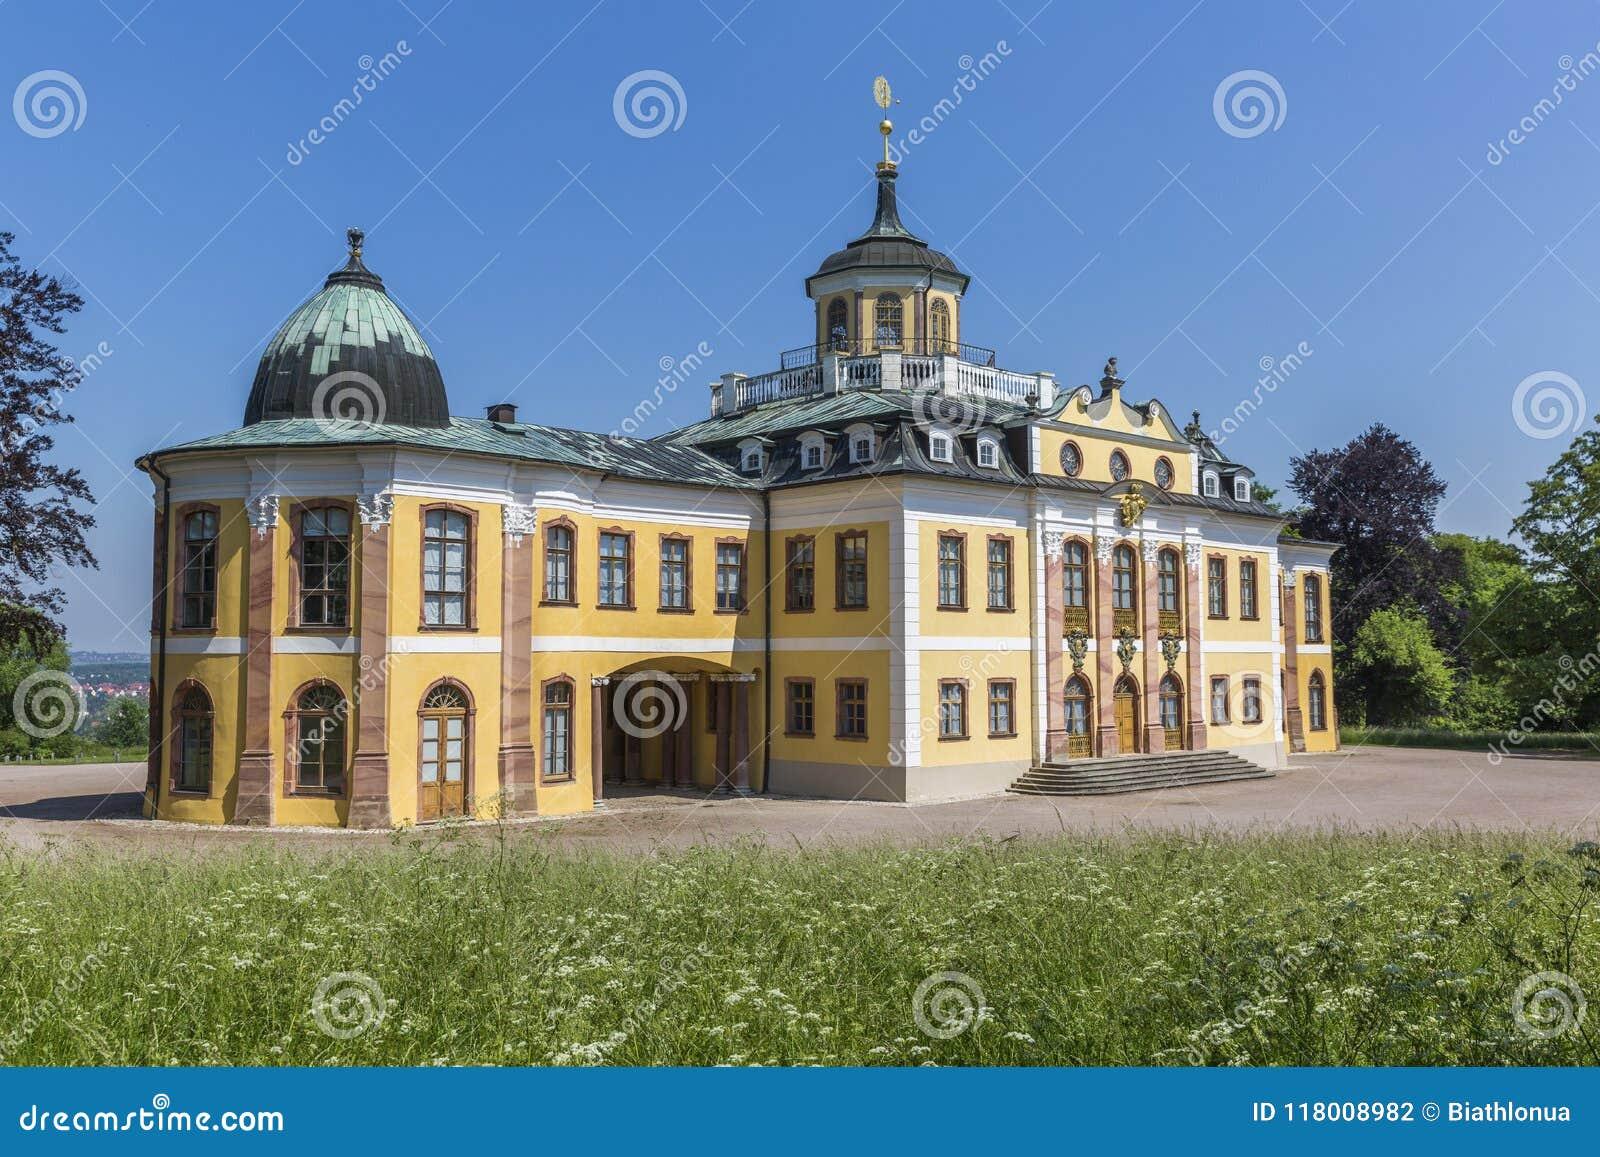 O castelo barroco do Belvedere construído para festas em casa em Weimar, Thuringia